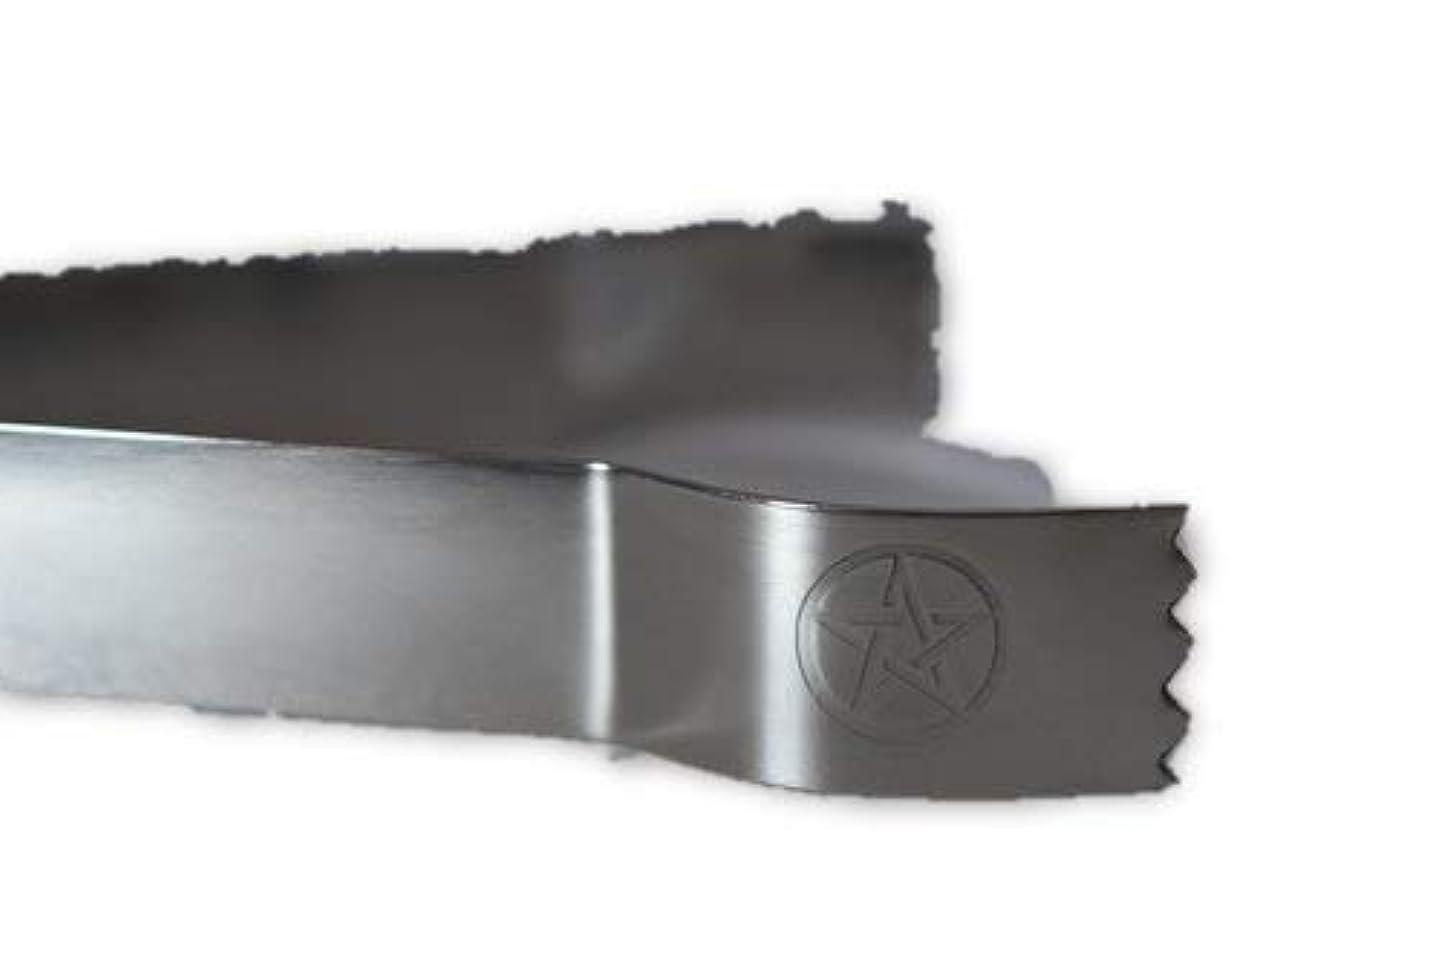 休憩するどこにも成り立つSTAR Engraved Tongs for use withチャコールタブとIncense樹脂tool-ツールfor Blessings、クリア負Energies、しみ、Healing